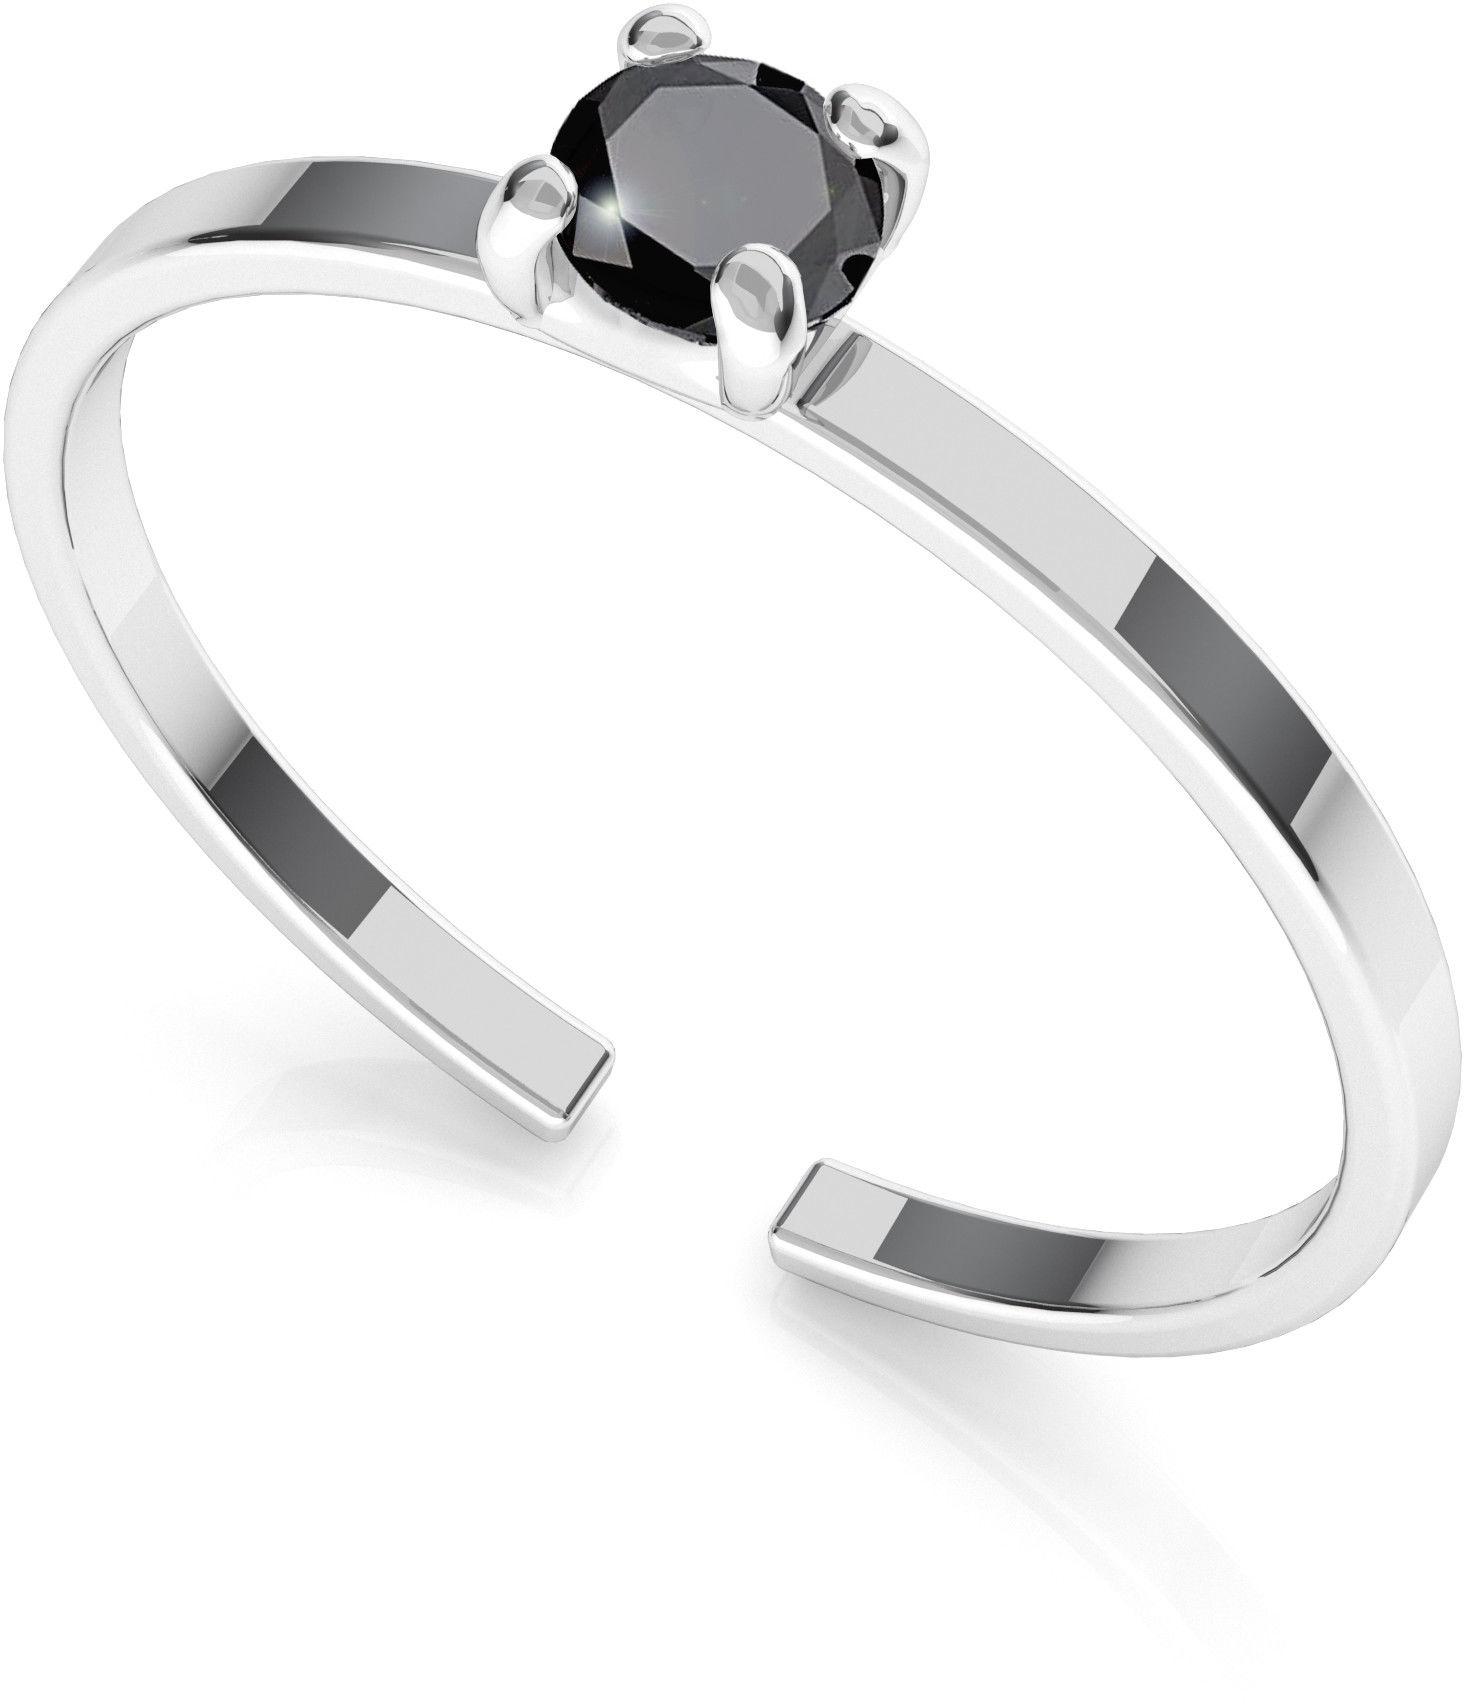 Srebrny pierścionek z diamentem 3mm My RING, srebro 925 : Srebro - kolor pokrycia - Pokrycie platyną